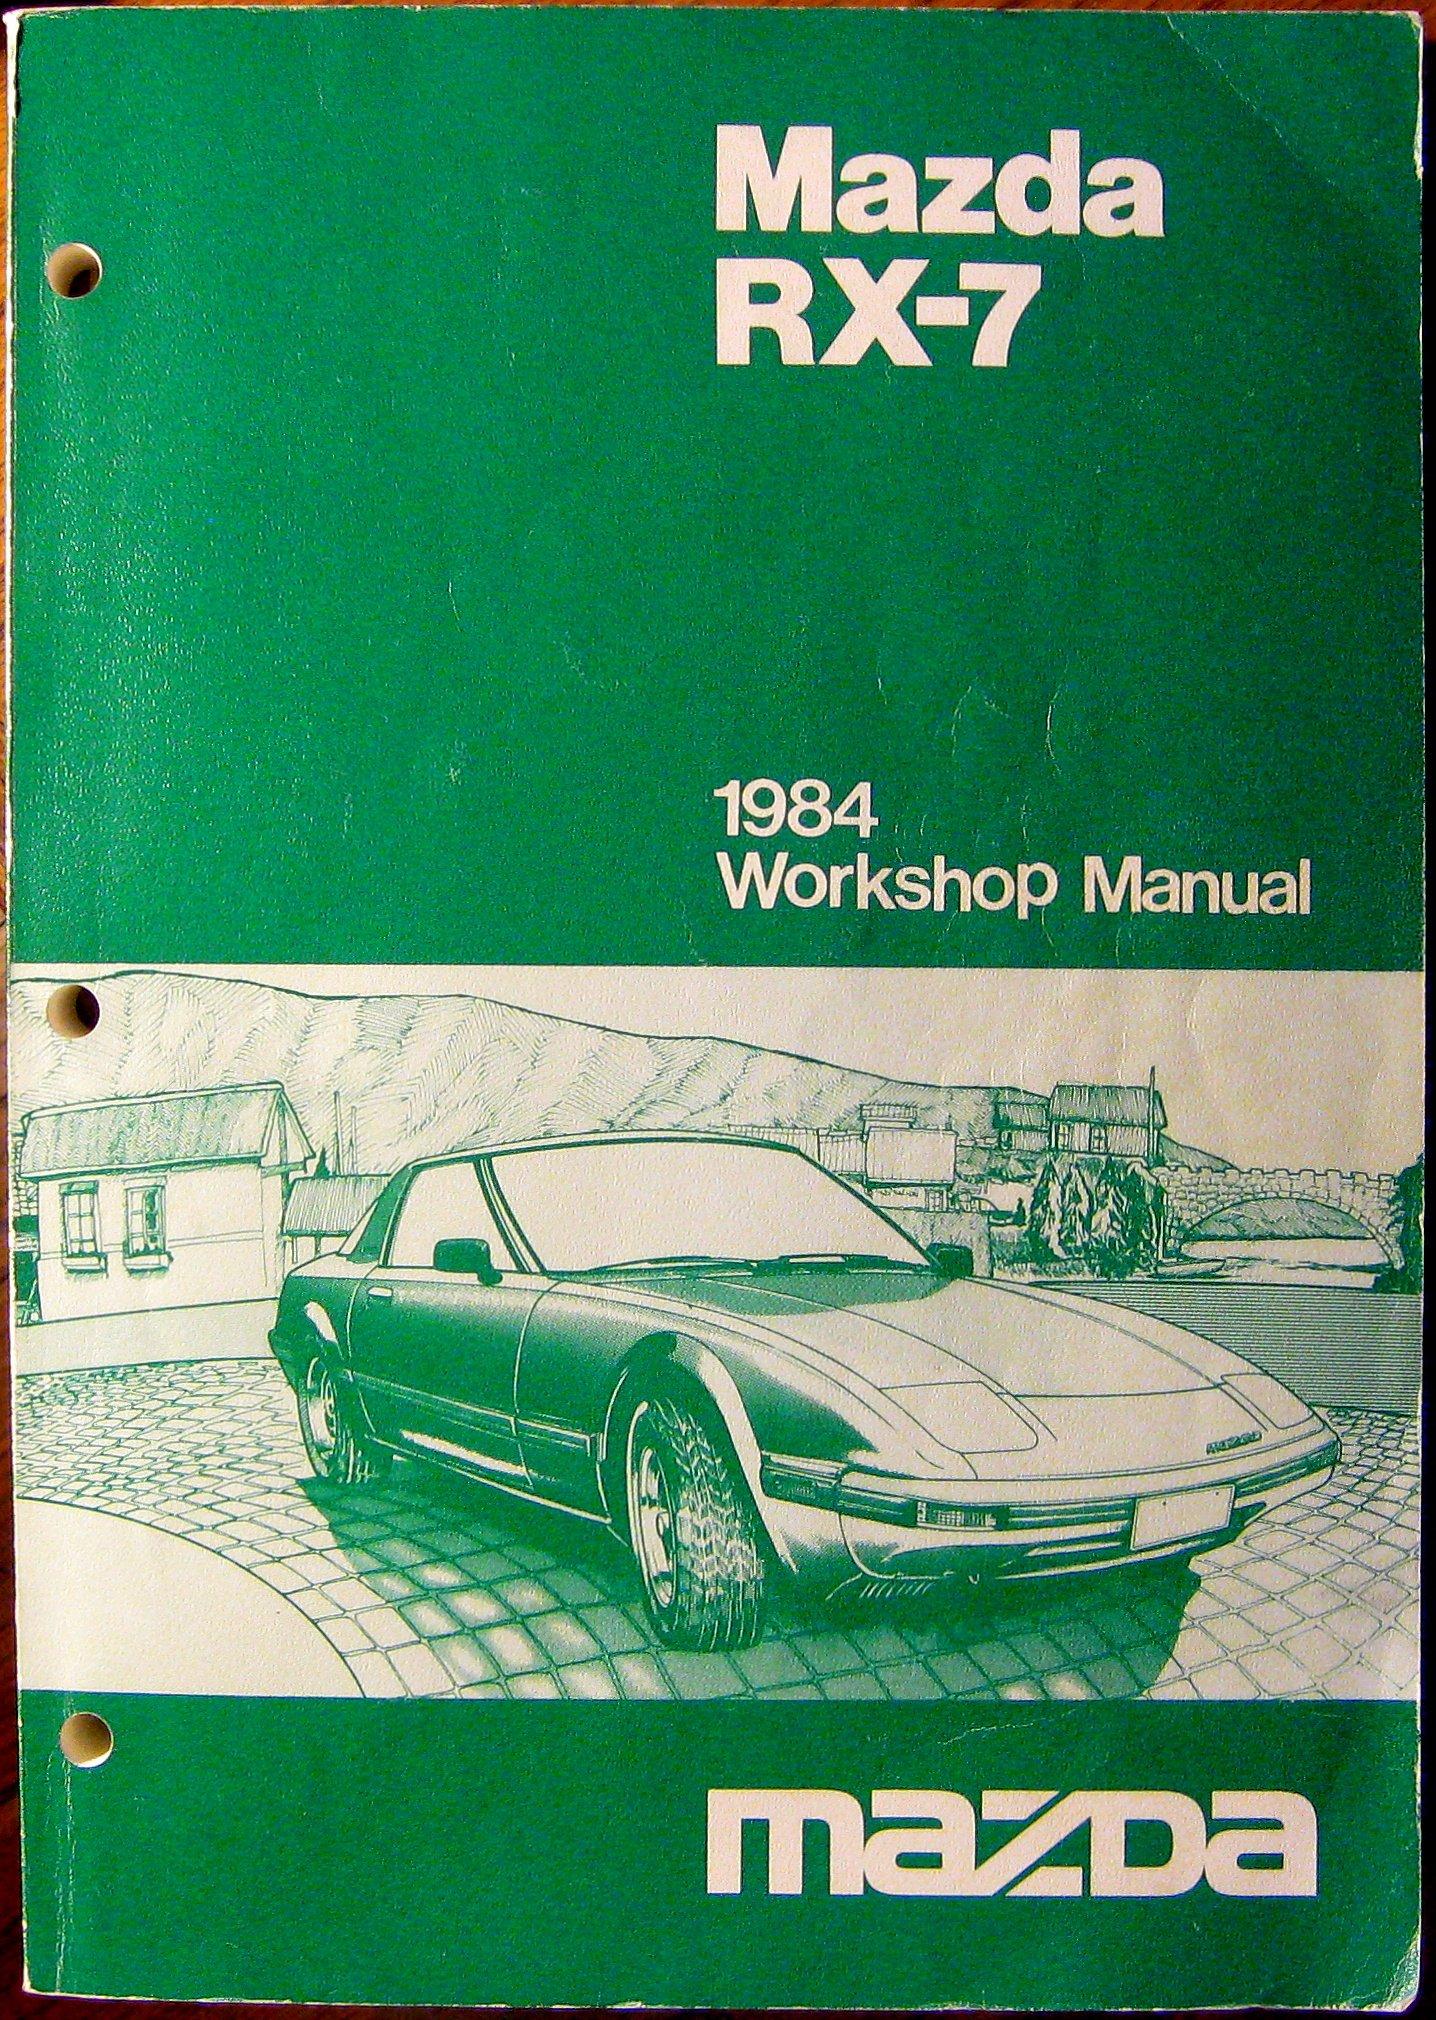 [DIAGRAM_38EU]  1984 Mazda RX-7 Workshop Manual: Amazon.com: Books | 1983 Mazda Rx7 Wiring Diagram |  | Amazon.com